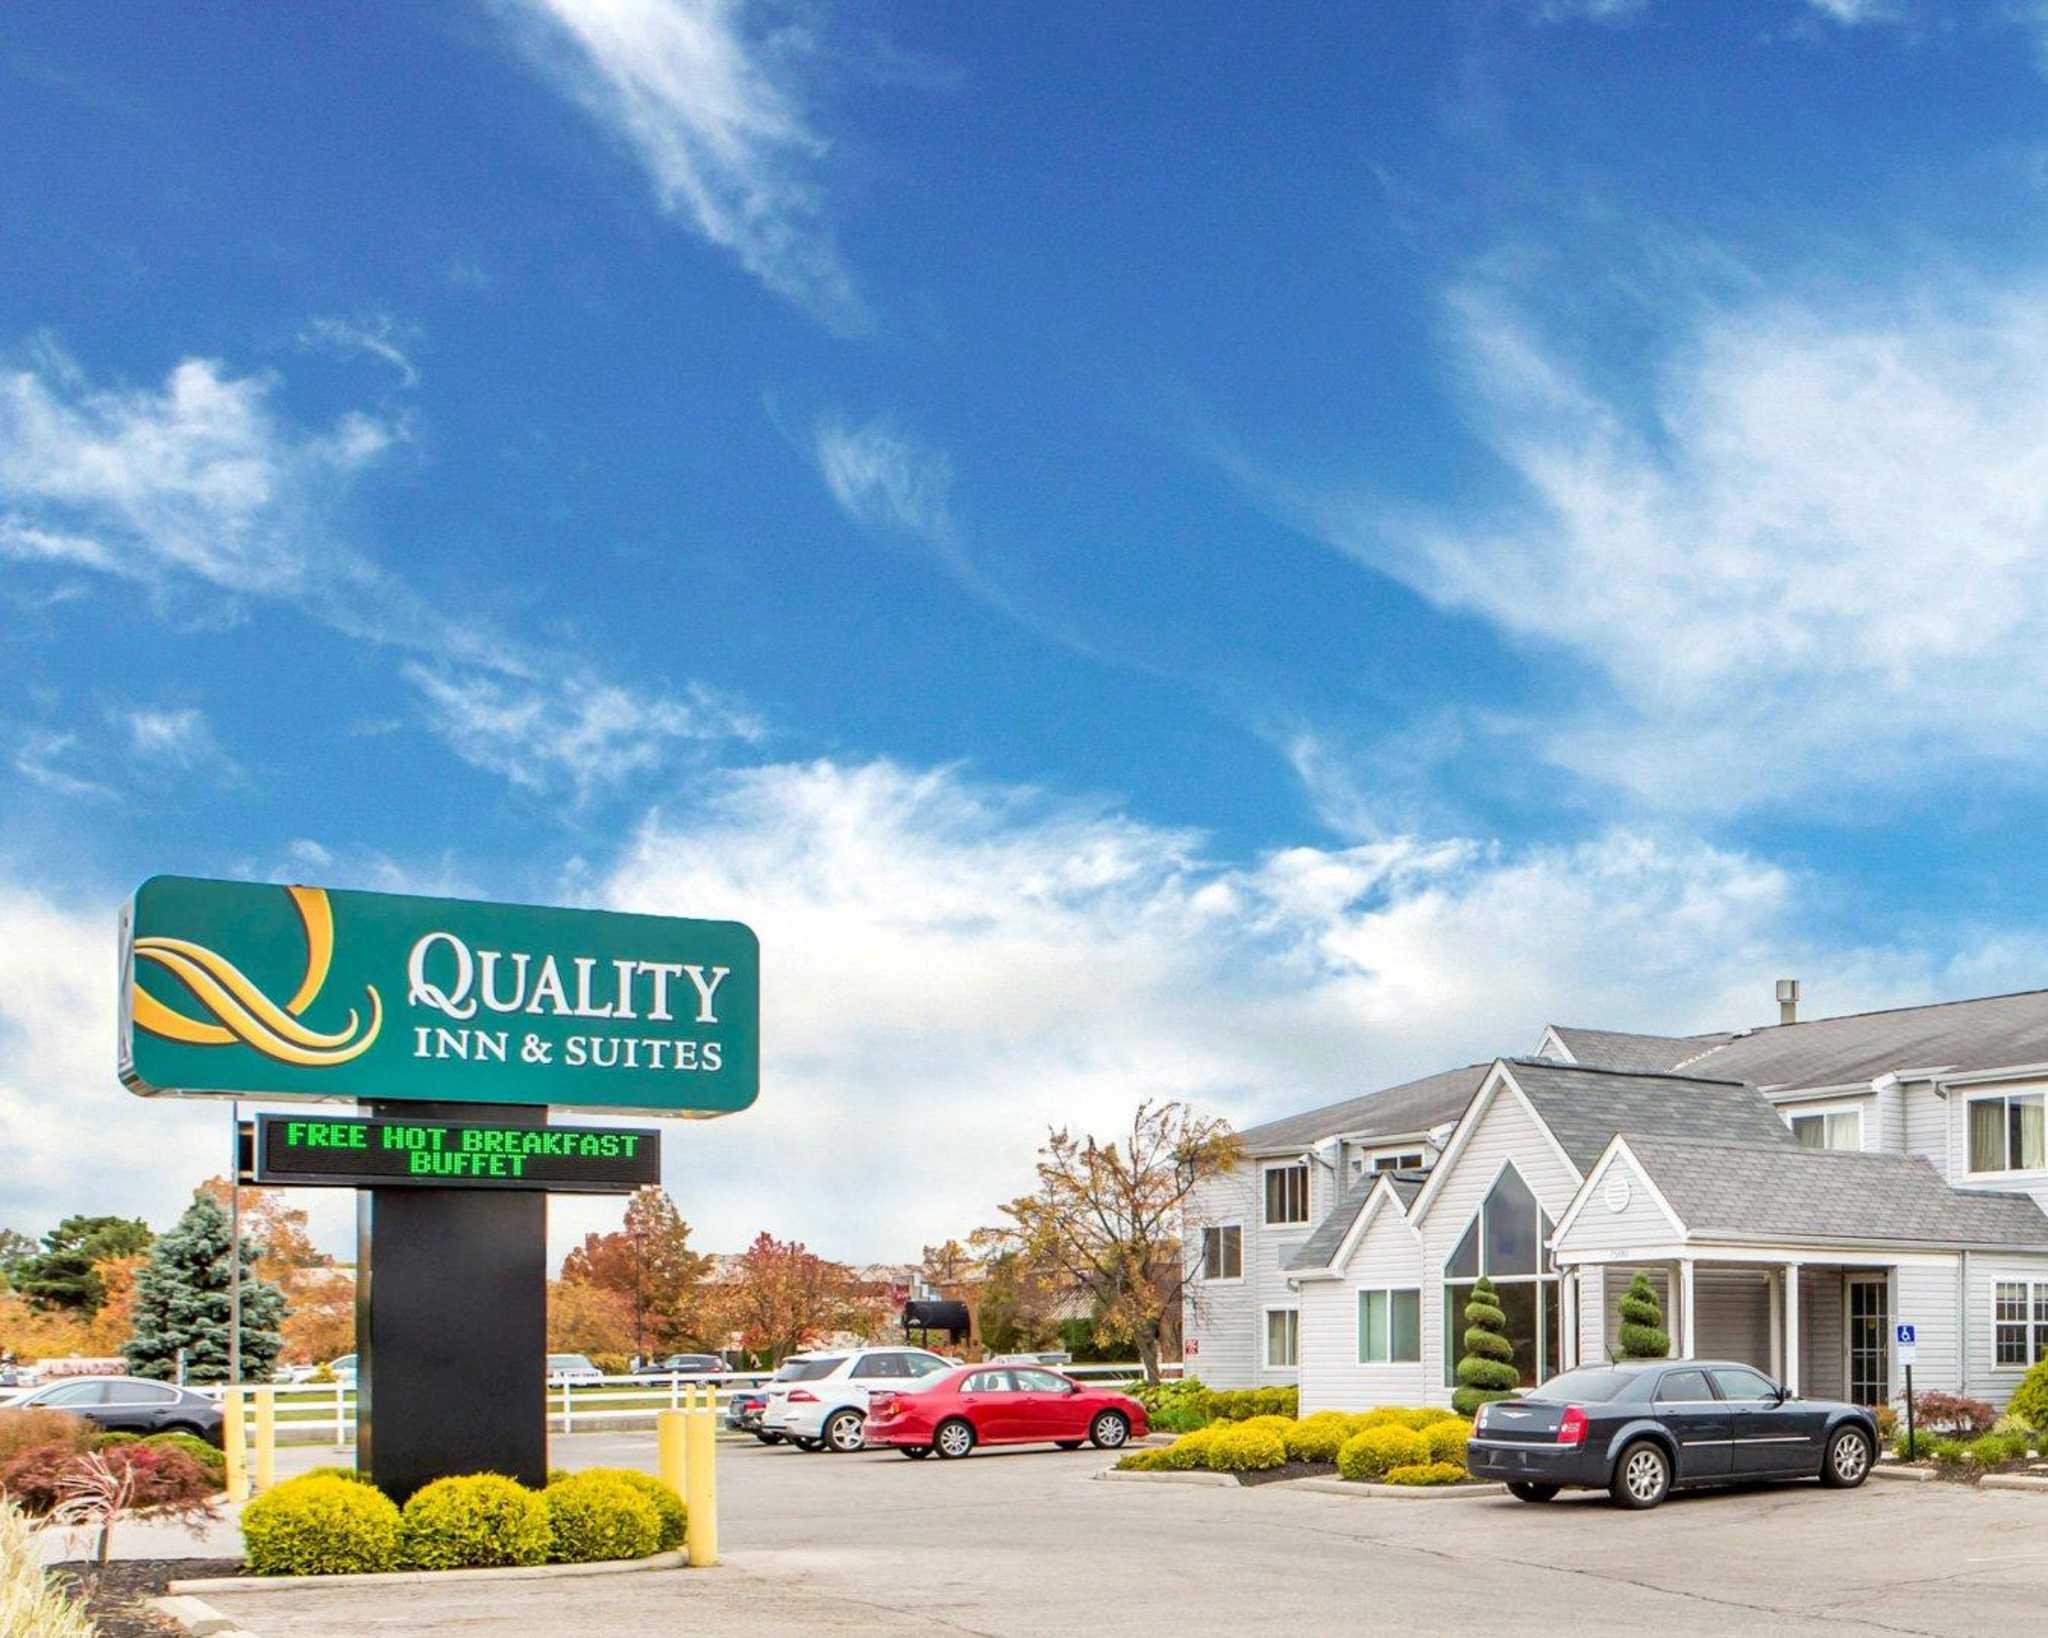 Quality Inn & Suites North/Polaris, Columbus Ohio (OH) - LocalDatabase.com